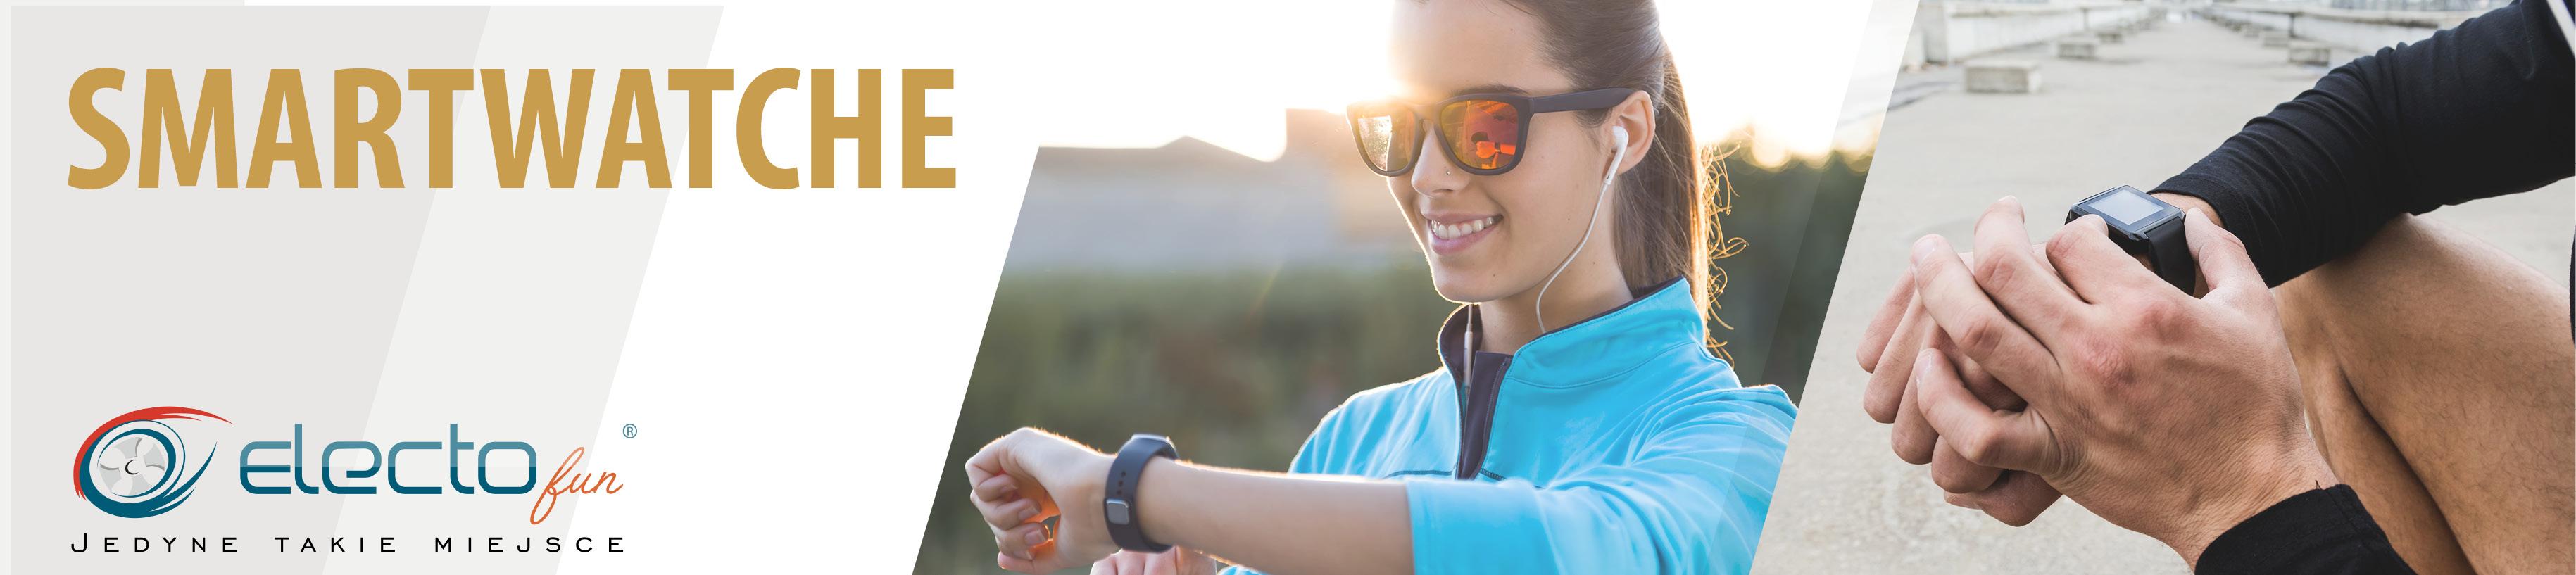 baner smartwatche.jpg